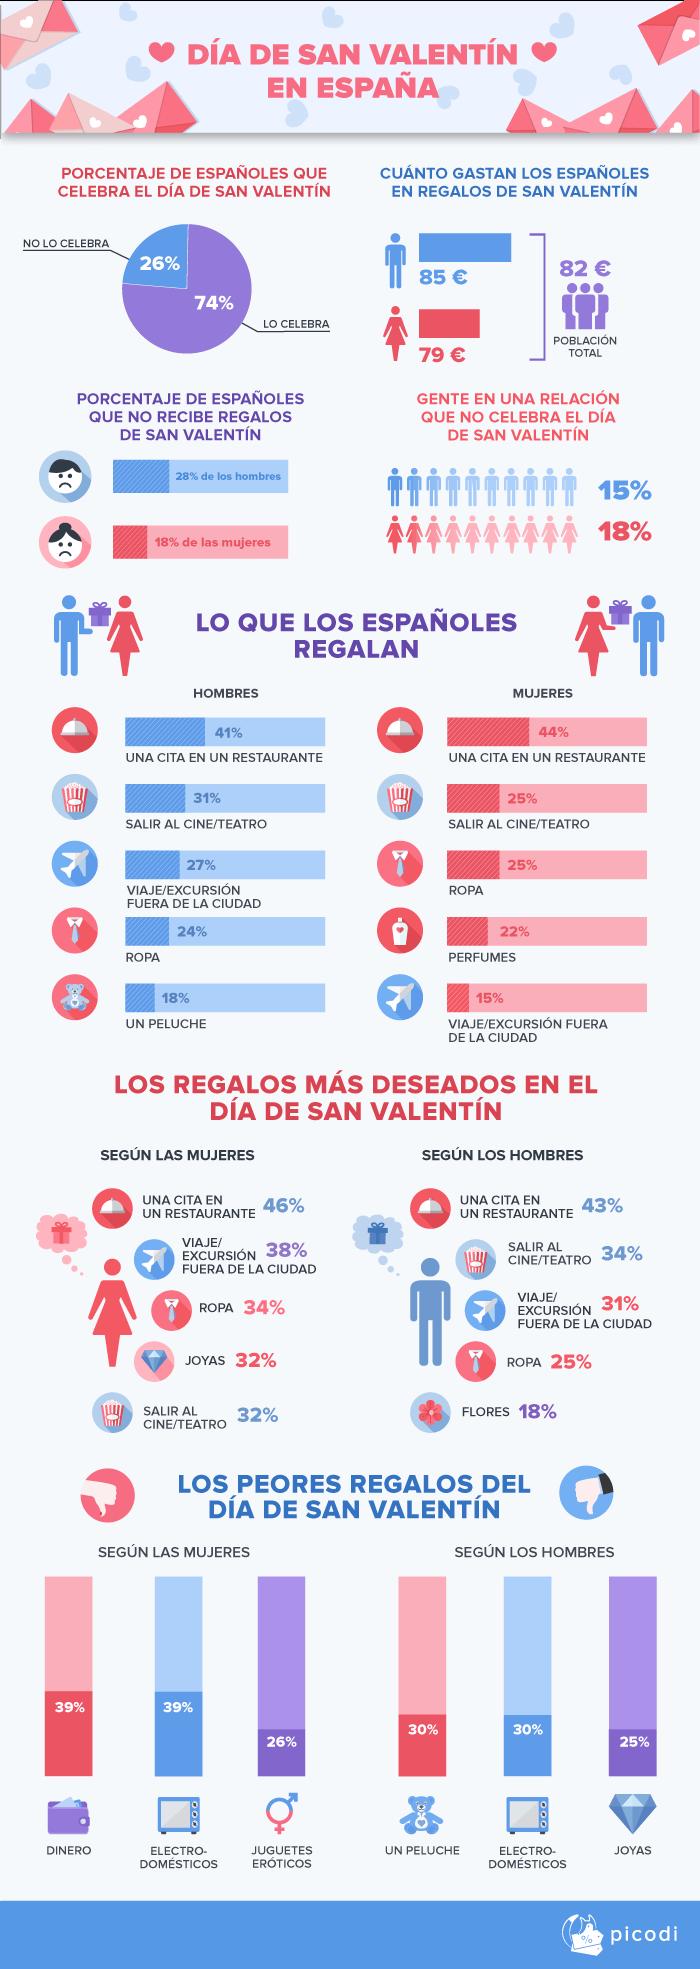 DÍA DE SAN VALENTÍN EN ESPAÑA